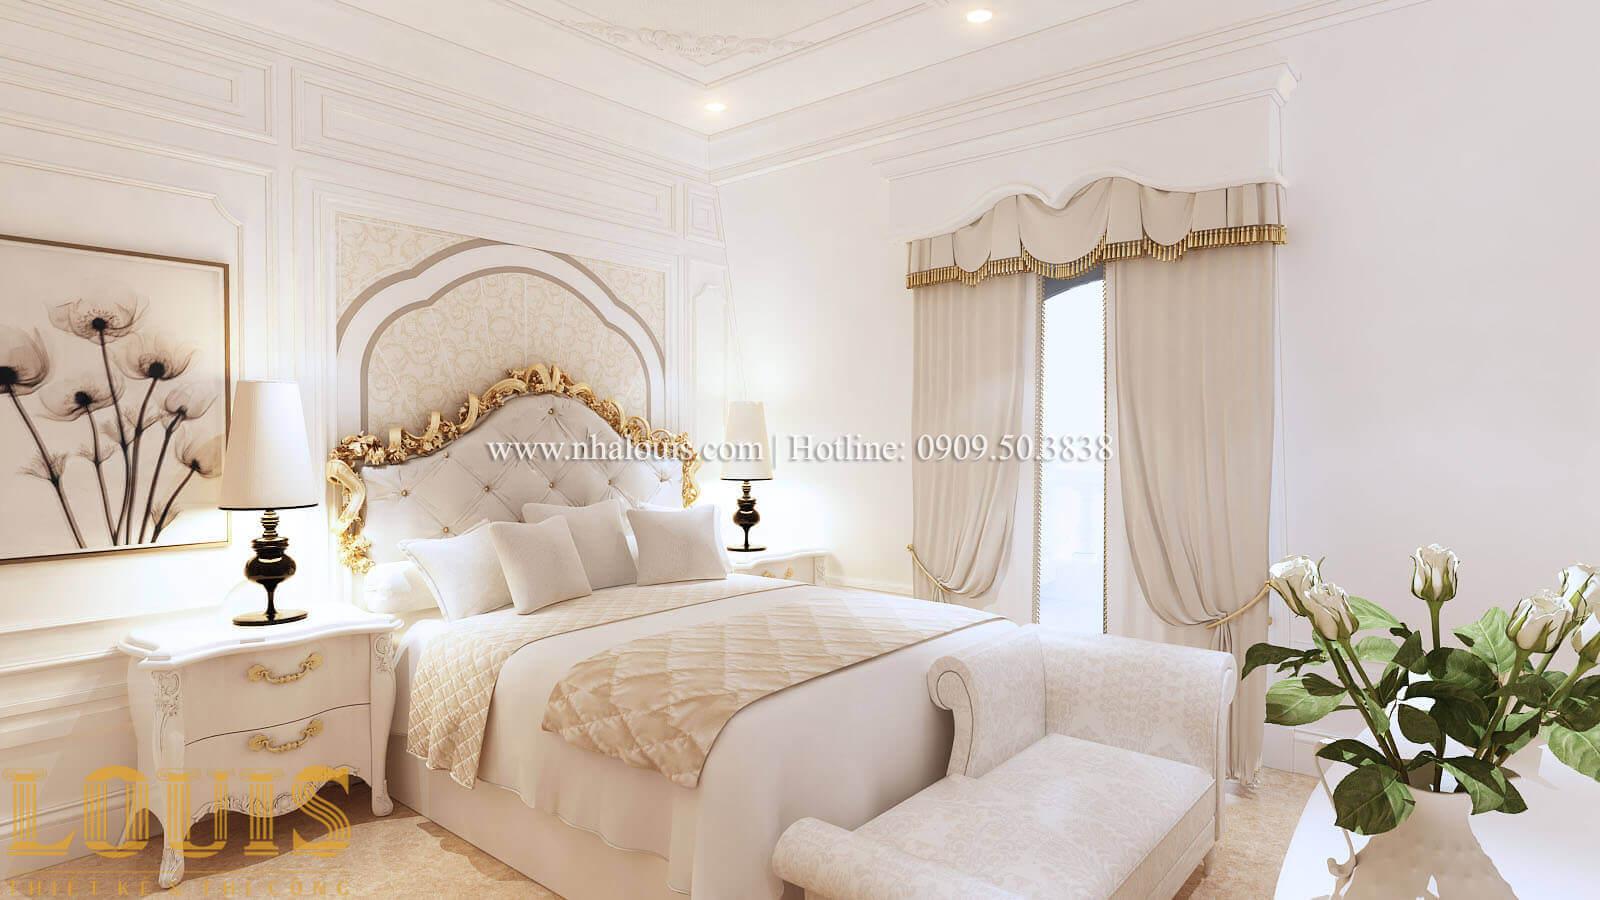 Phòng ngủ 2 Biệt thự lâu đài kiểu Pháp quyền quý và đẳng cấp tại Khánh Hòa